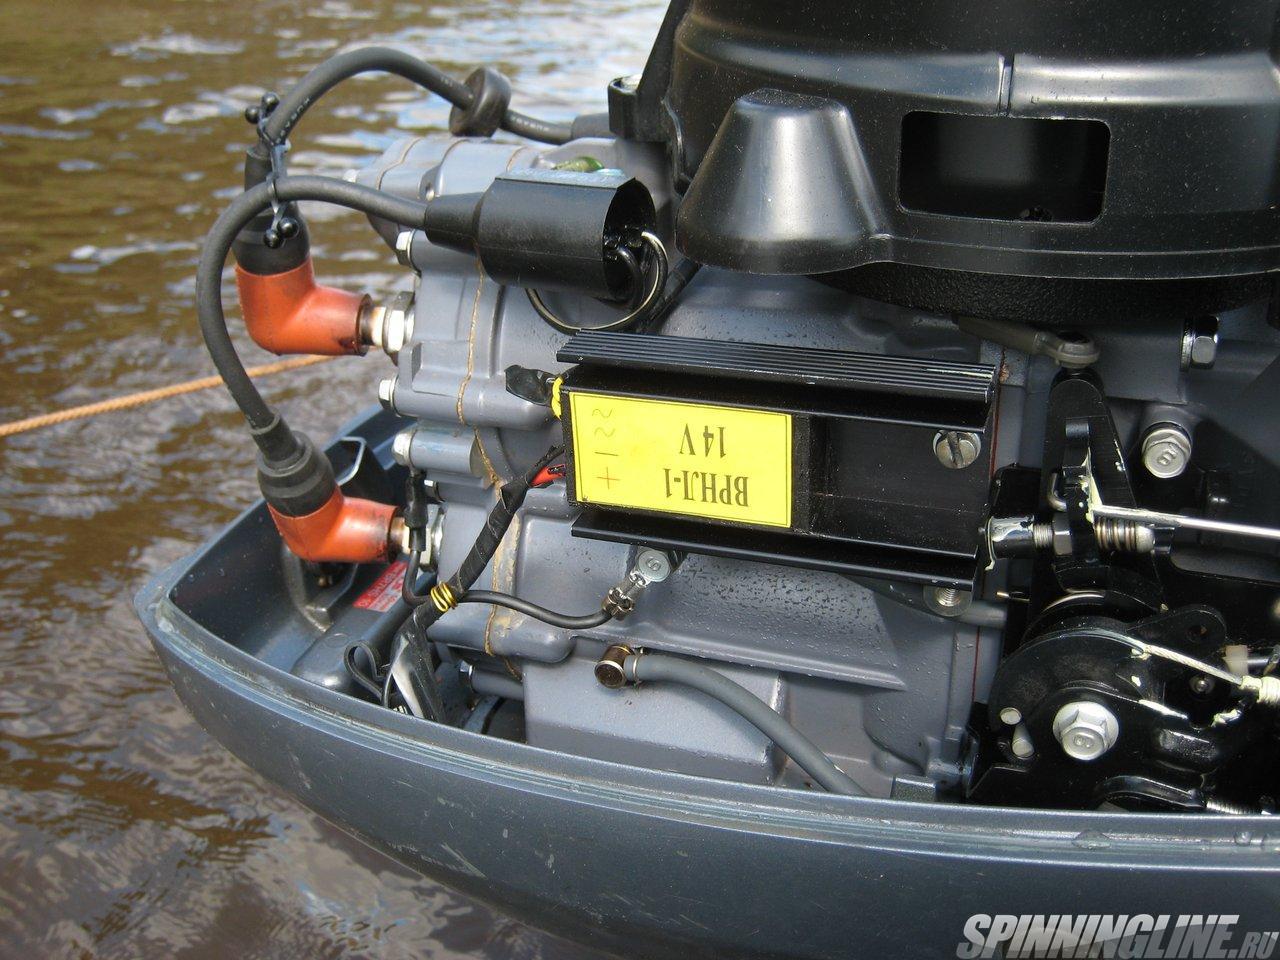 Выпрямитель для лодочного мотора своими руками